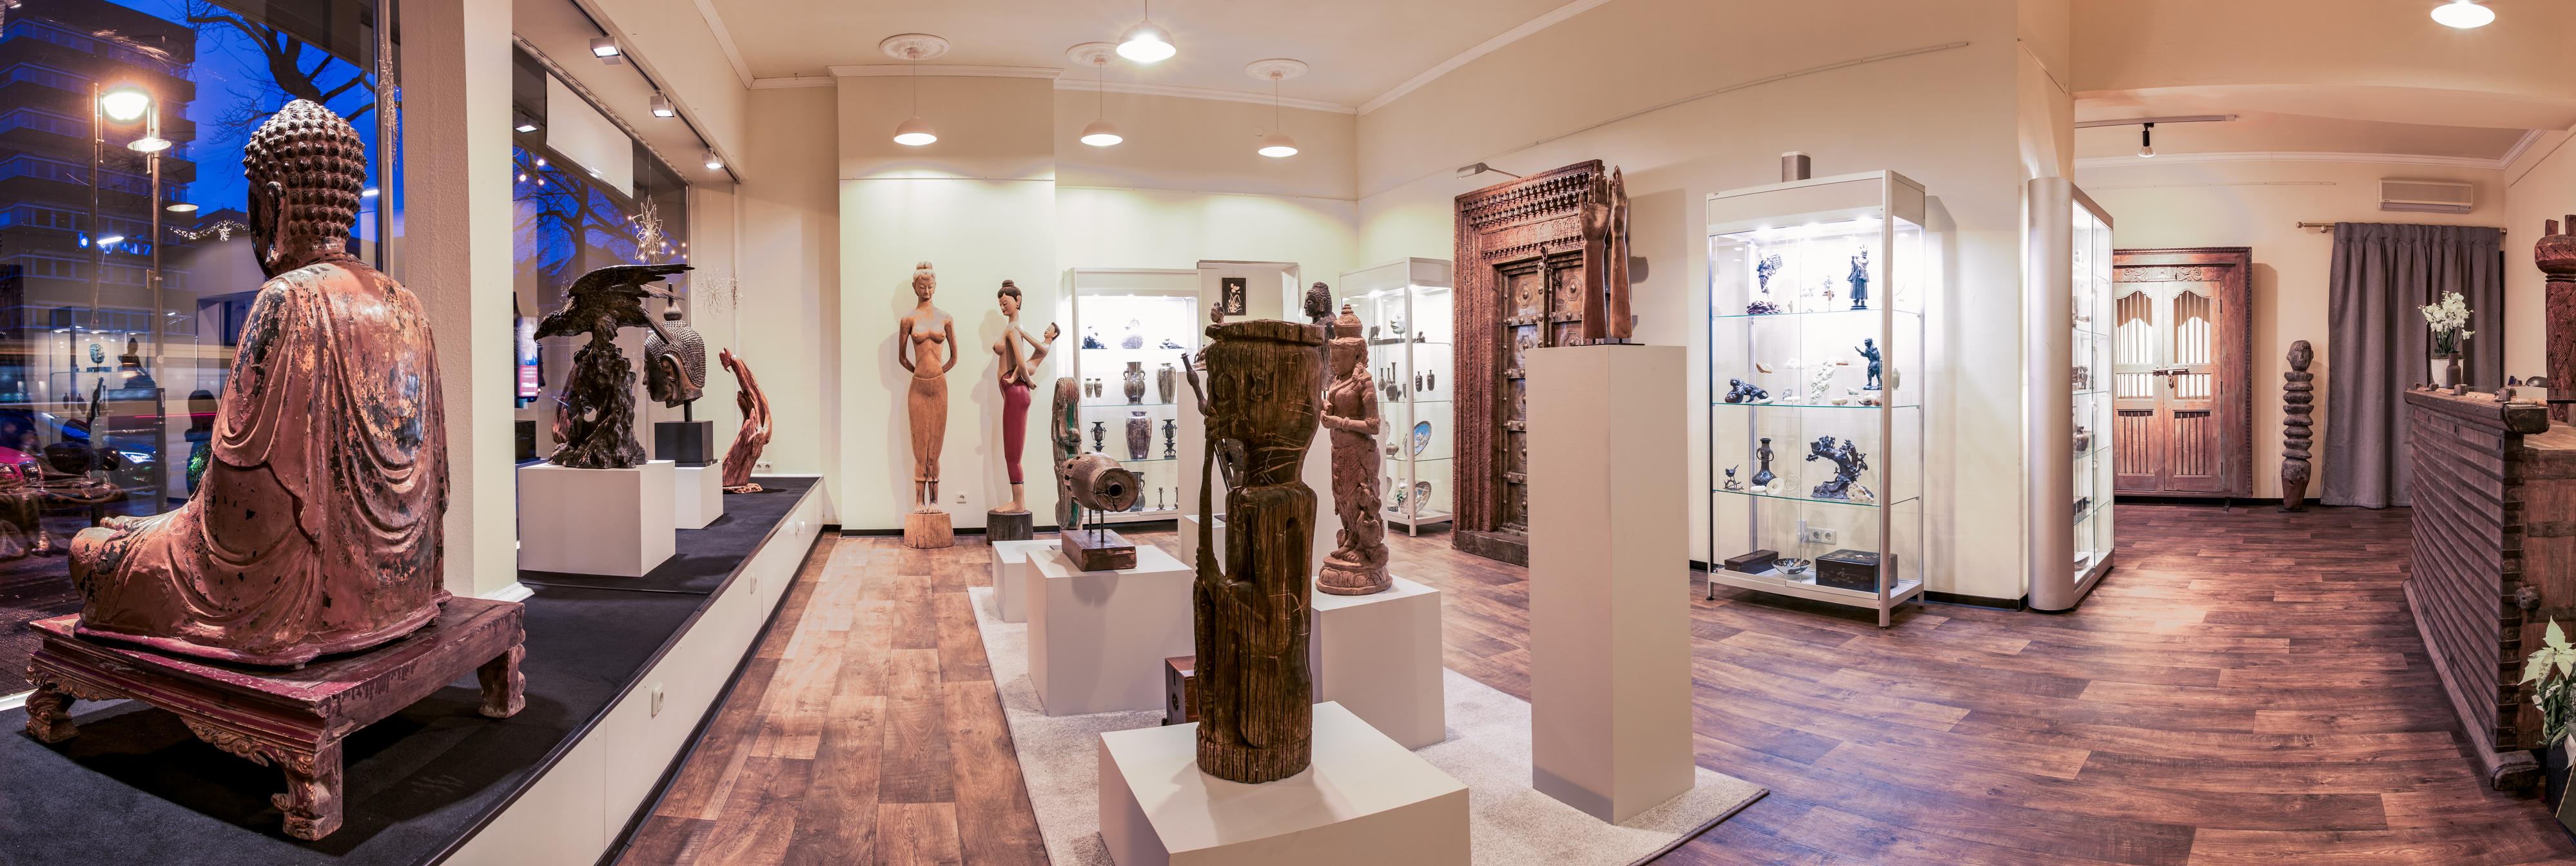 Galerie Darya Kunst und Antiquitäten